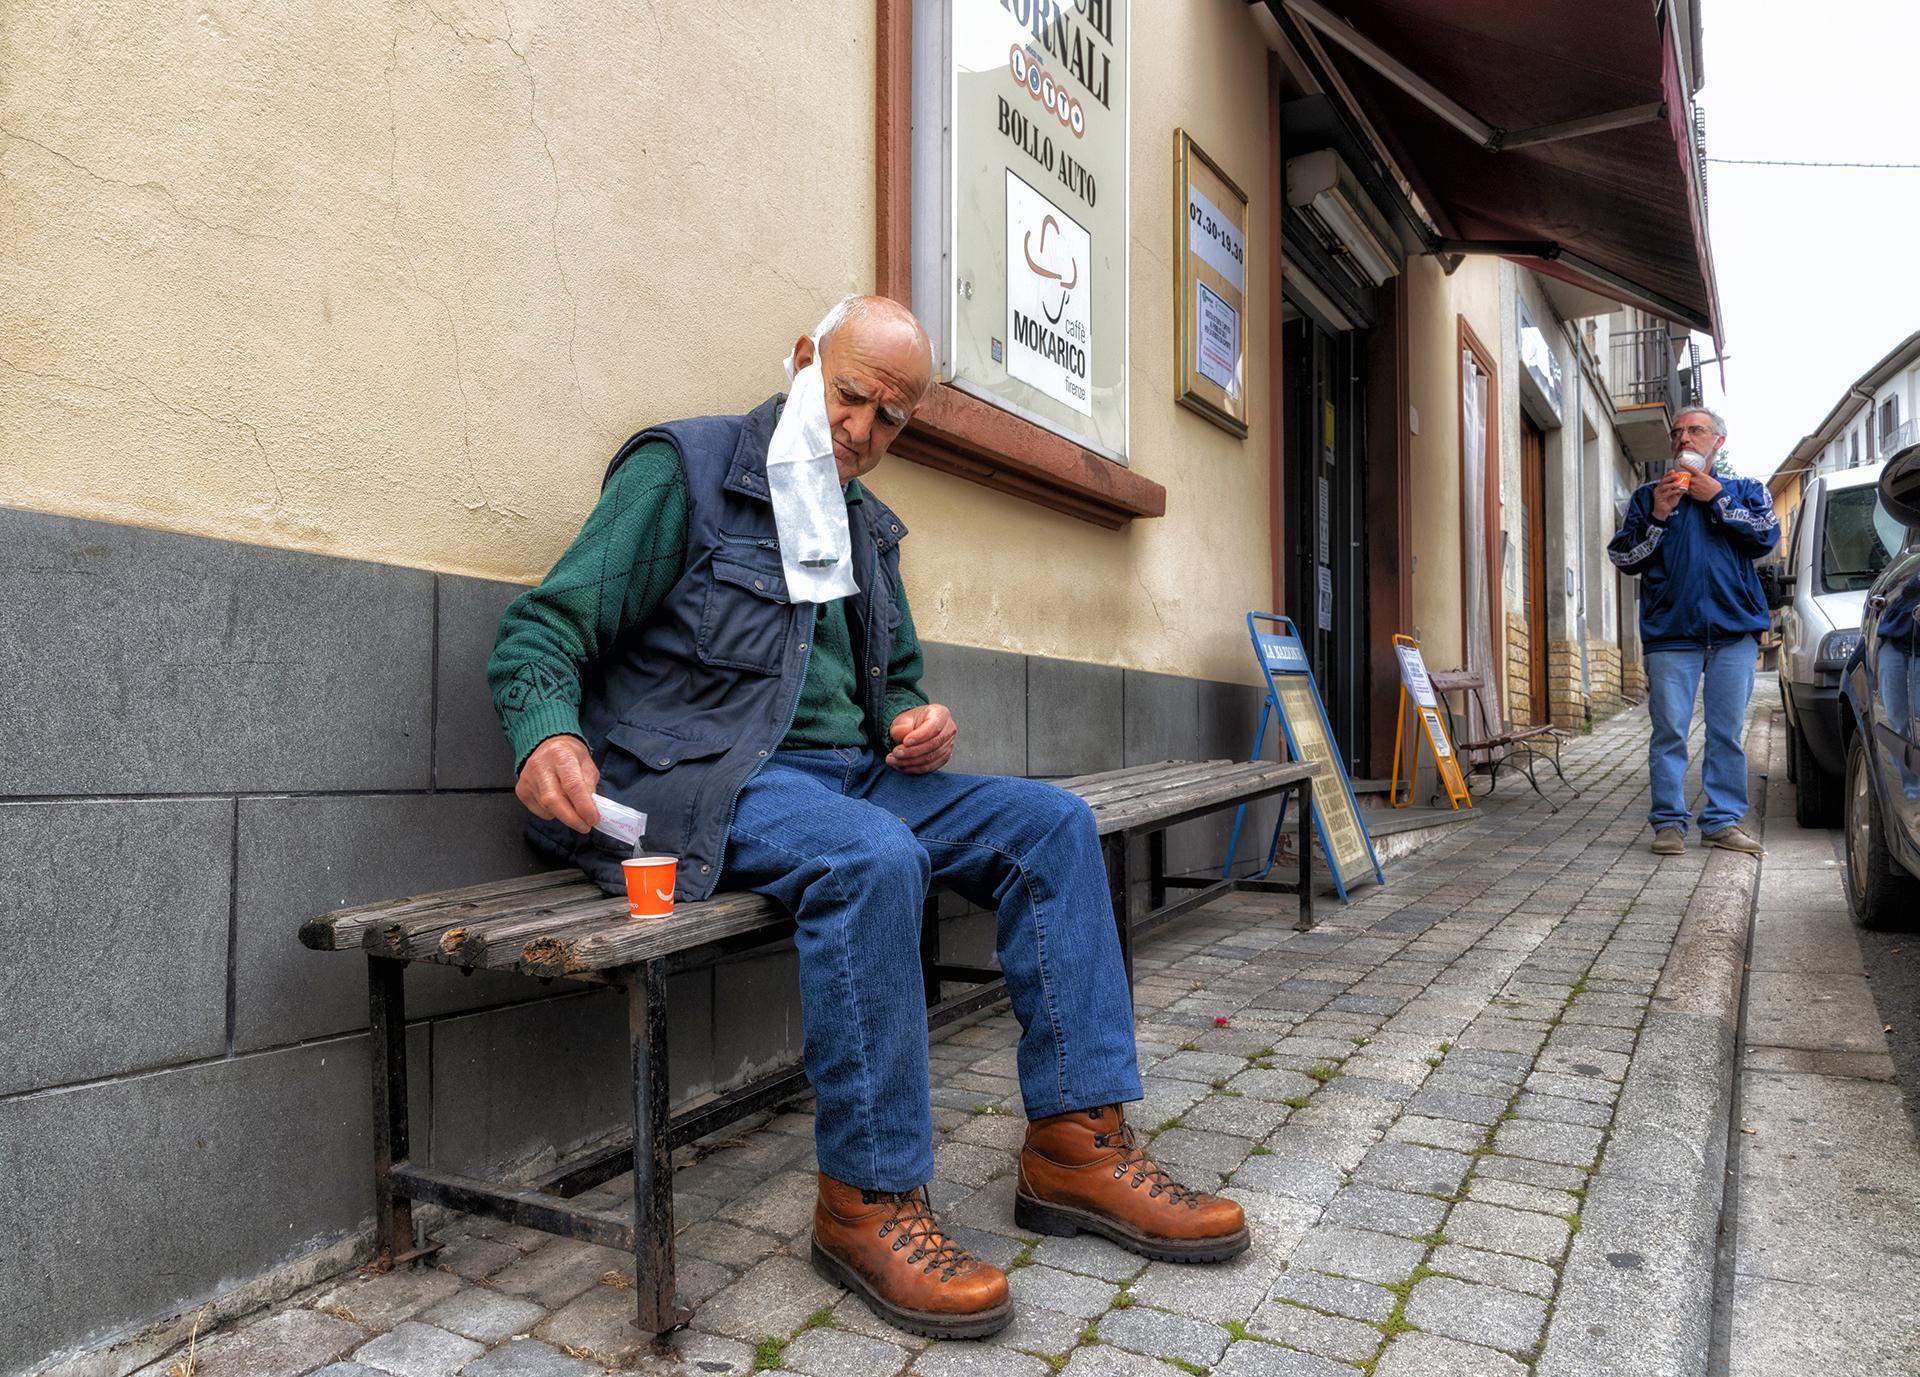 Foto n° 35 DECIMA  IMAGO CLUB ROBERTO FONTANI – Altra realtà documentata molto spontaneamente. La fotografia è semplice, ma non certo vernacolare. È difficile staccarsi dalle abitudini, un buon caffè, talvolta, è un diversivo e appagamento del gusto. La